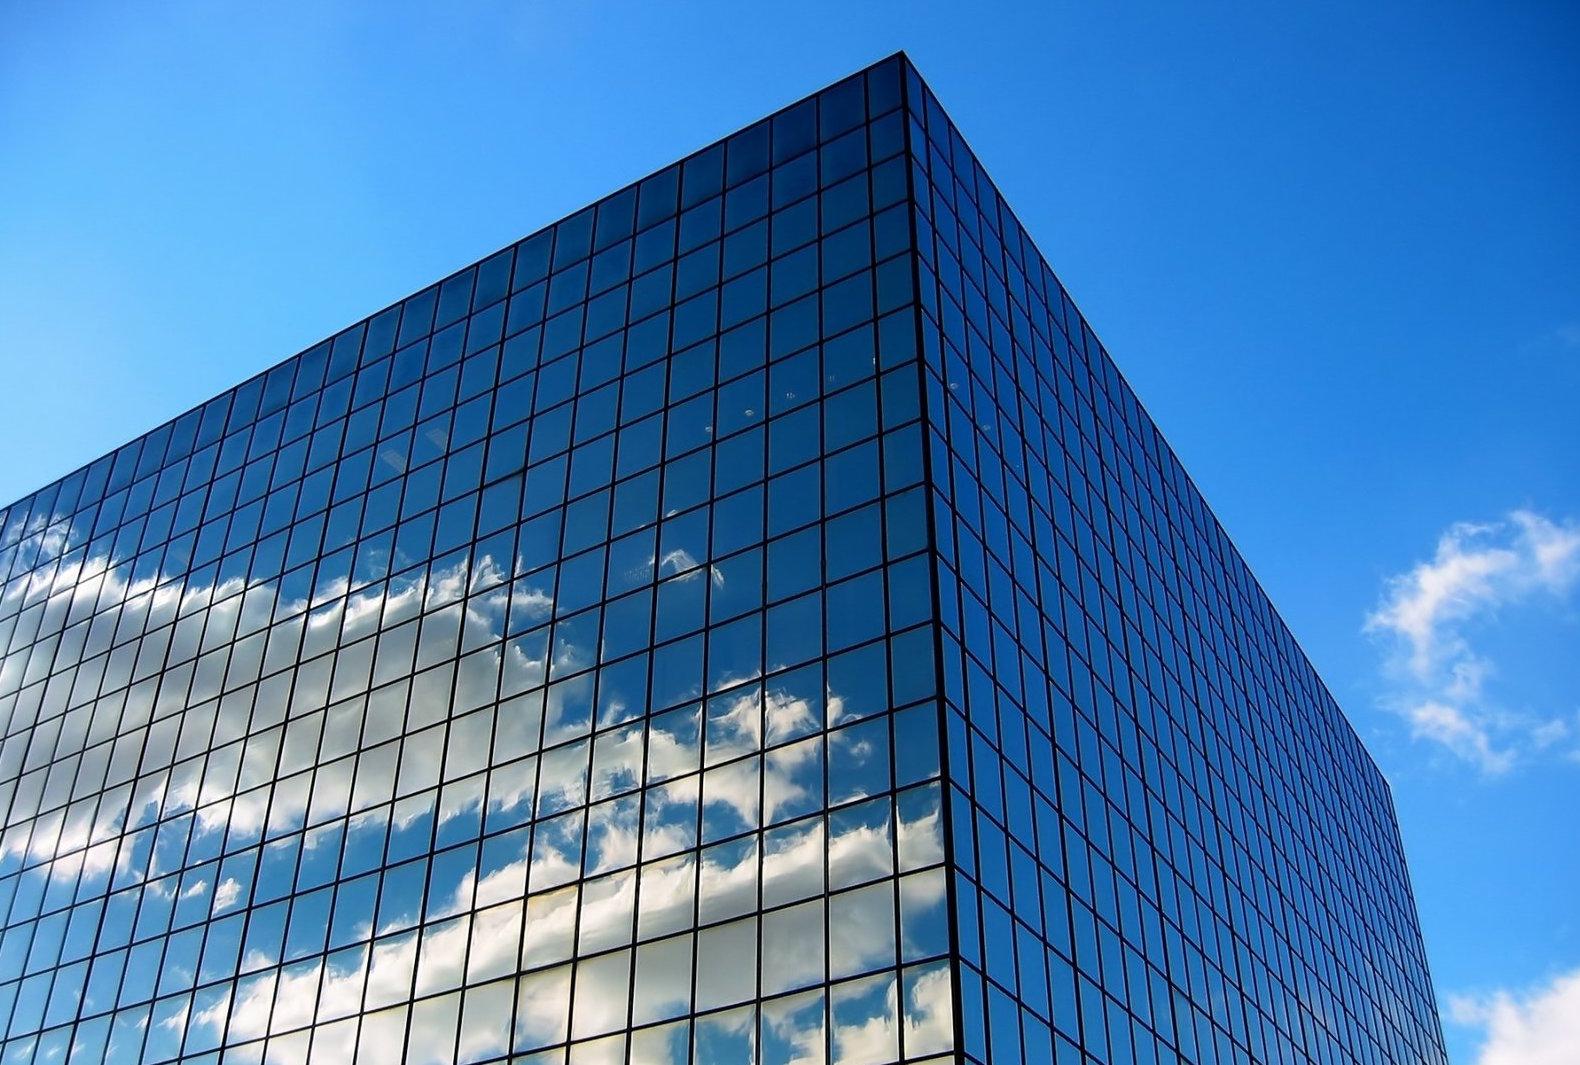 sky-reflection-1453027